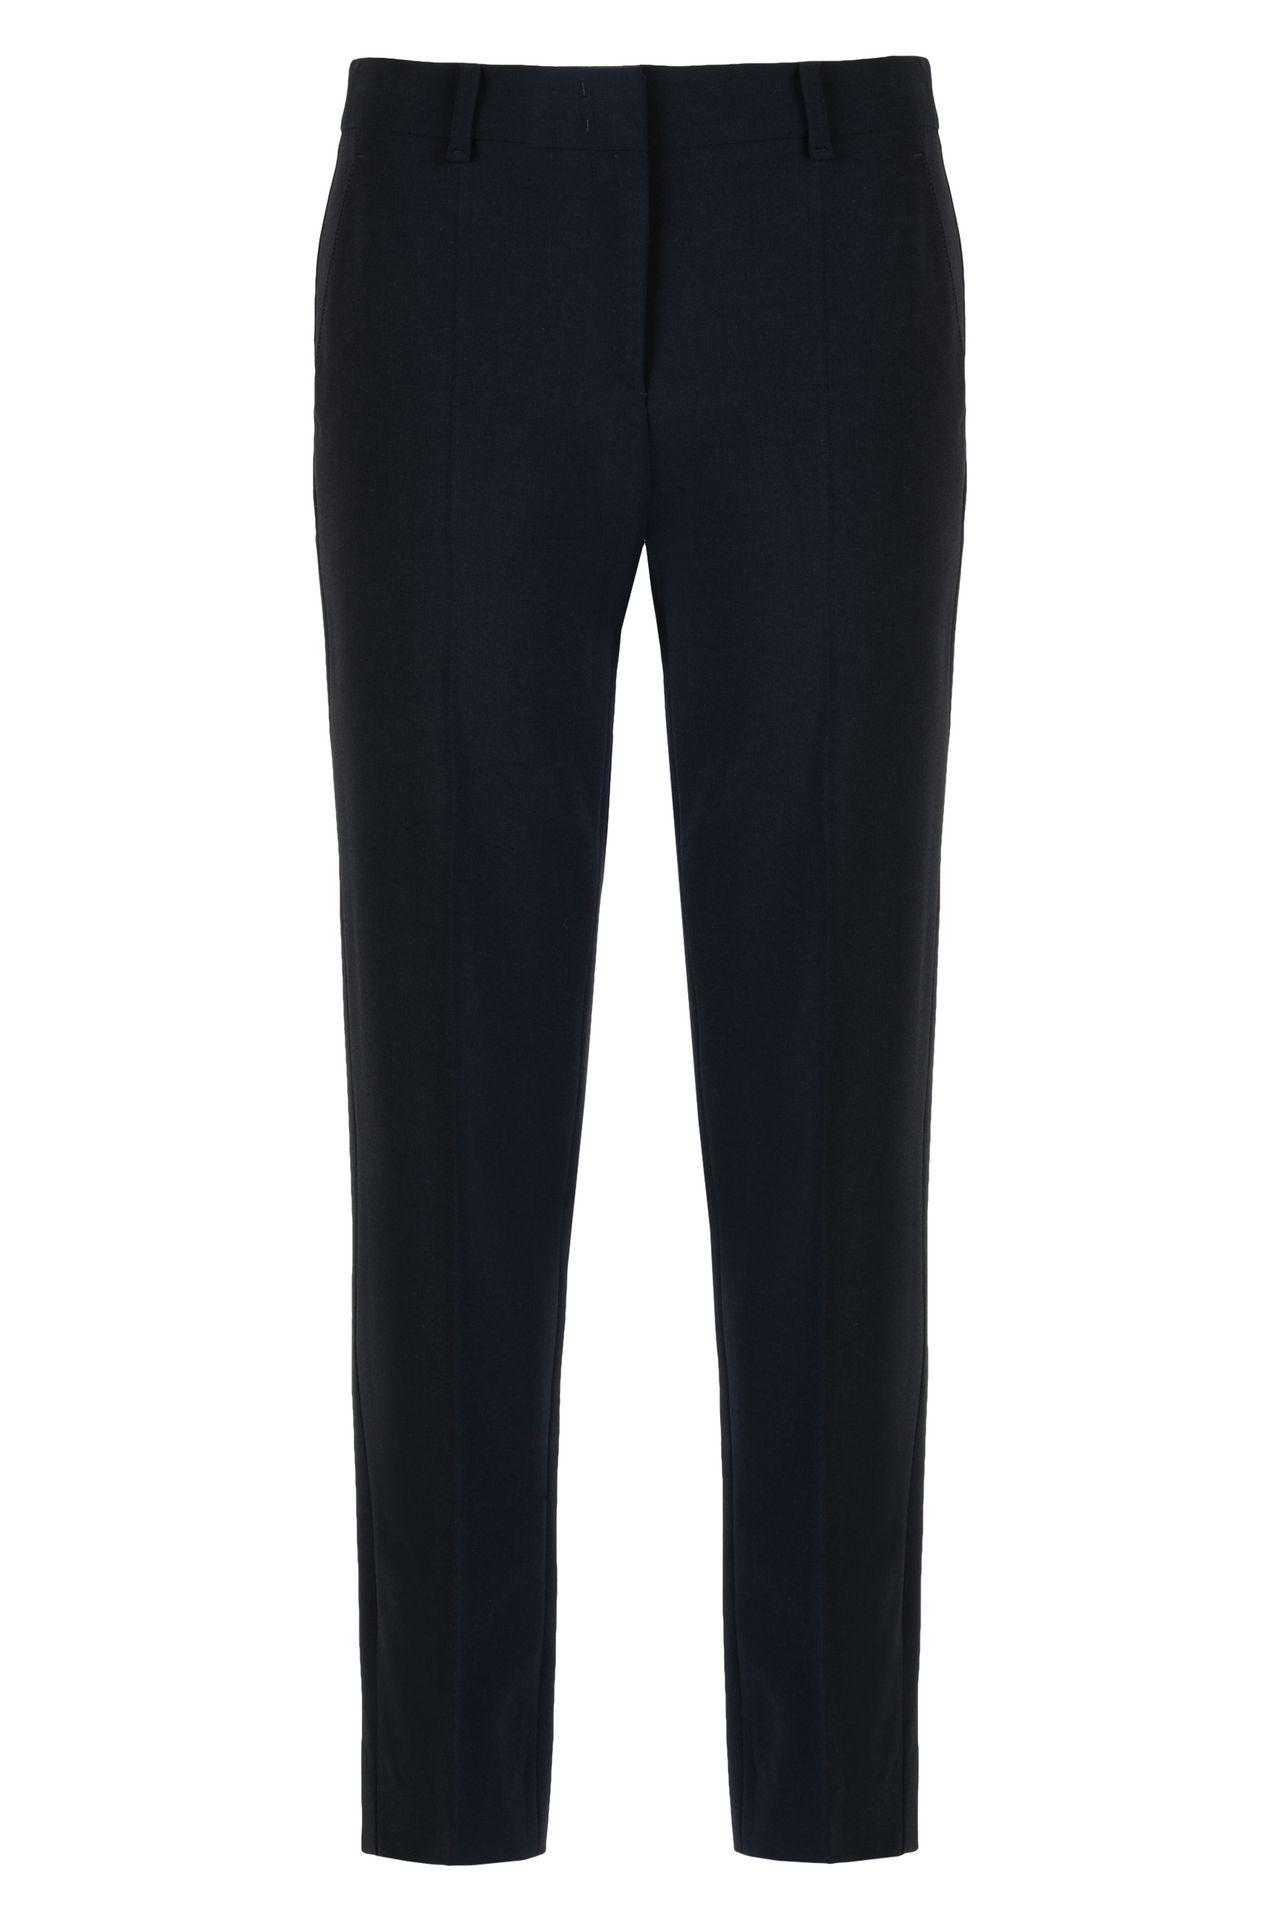 WOOL CREPE CHINOS: Straight leg pants Women by Armani - 0